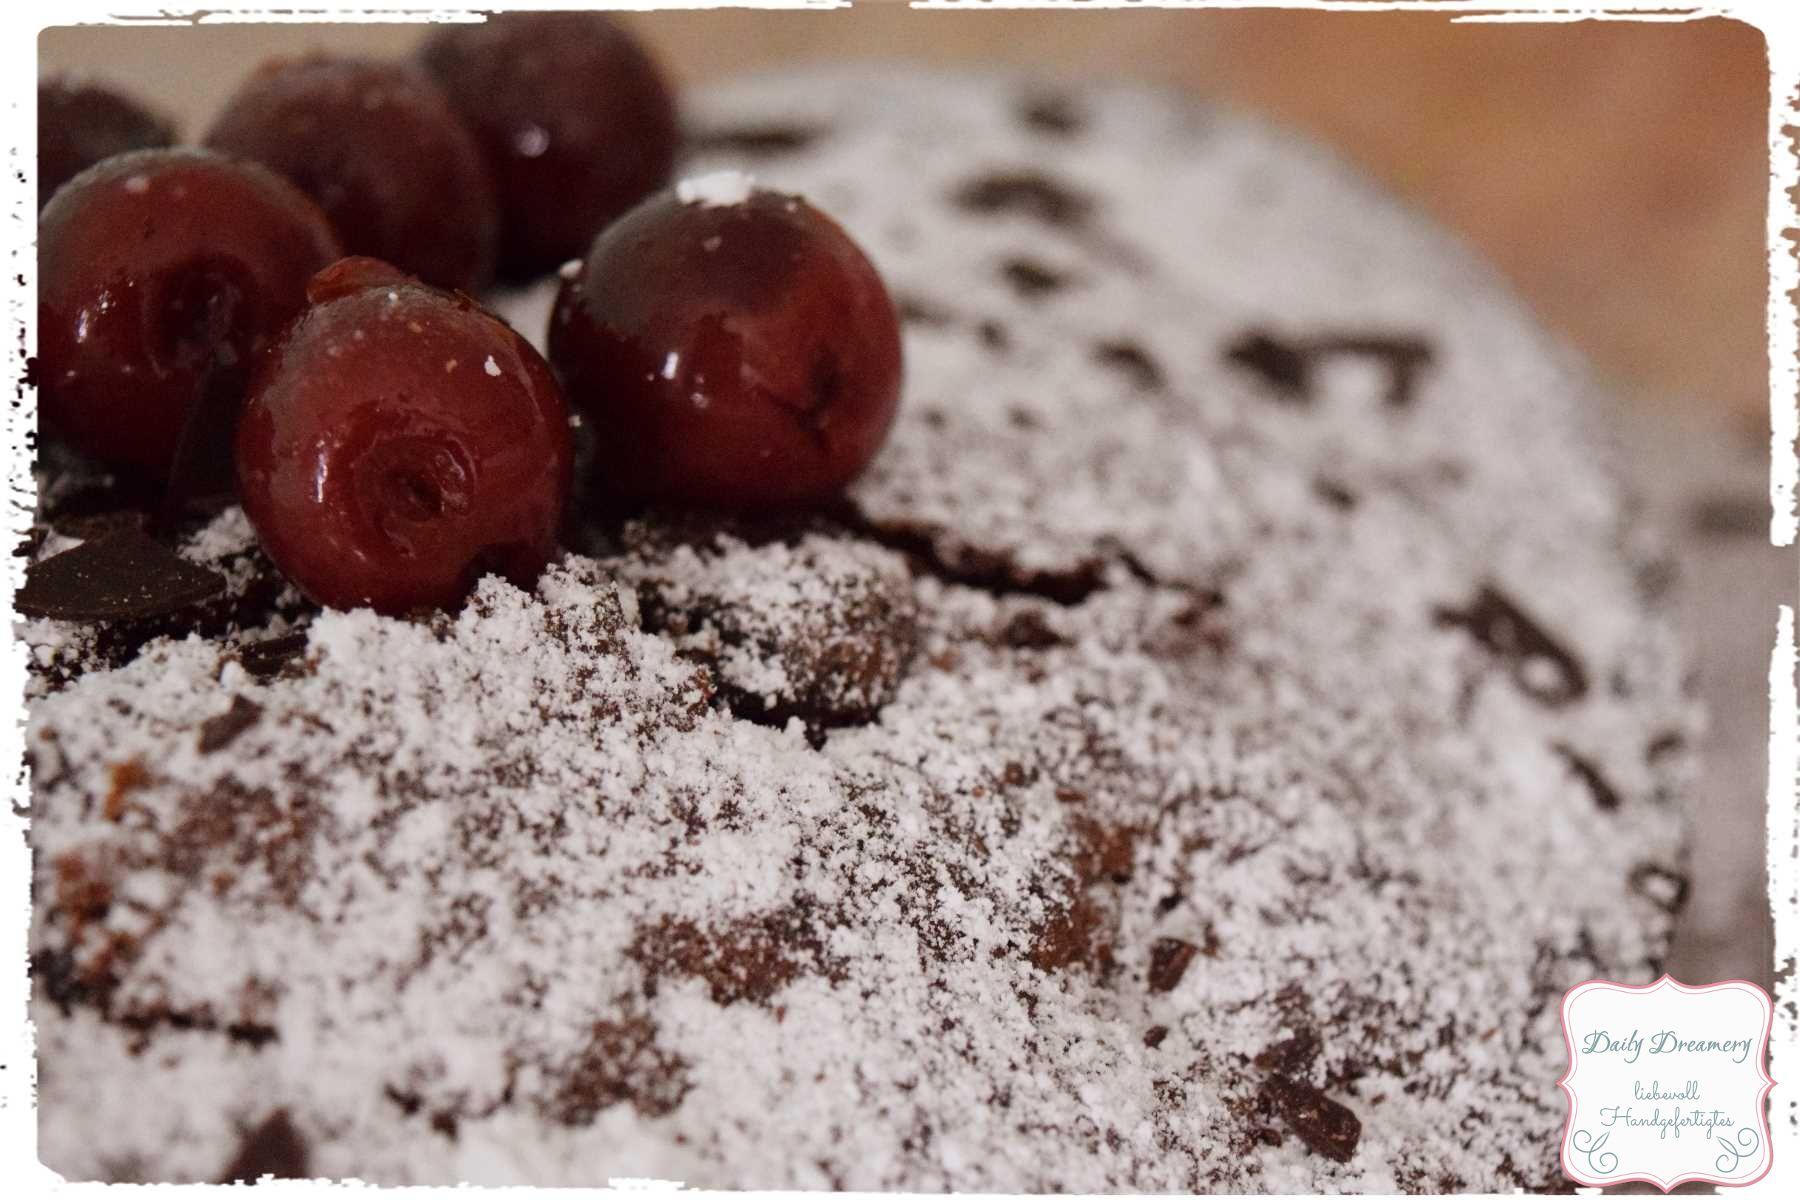 Luftig Lockerer Schoko Kirsch Kuchen Rezept Schoko Kirsch Kuchen Saftiger Schoko Kirsch Kuchen Und Kuchen